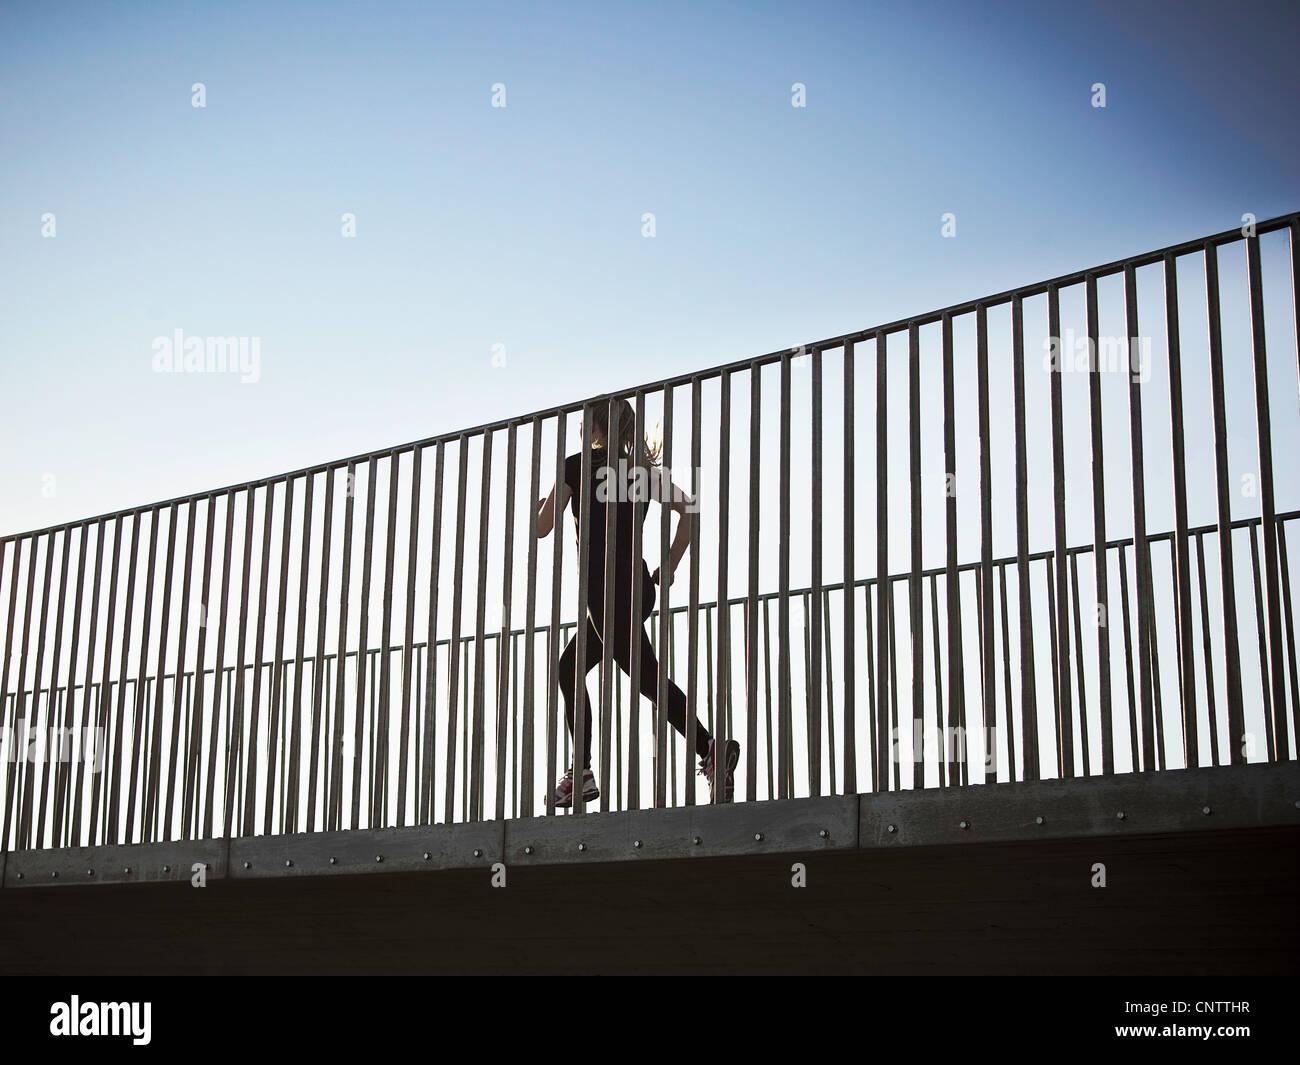 Woman running on skybridge - Stock Image